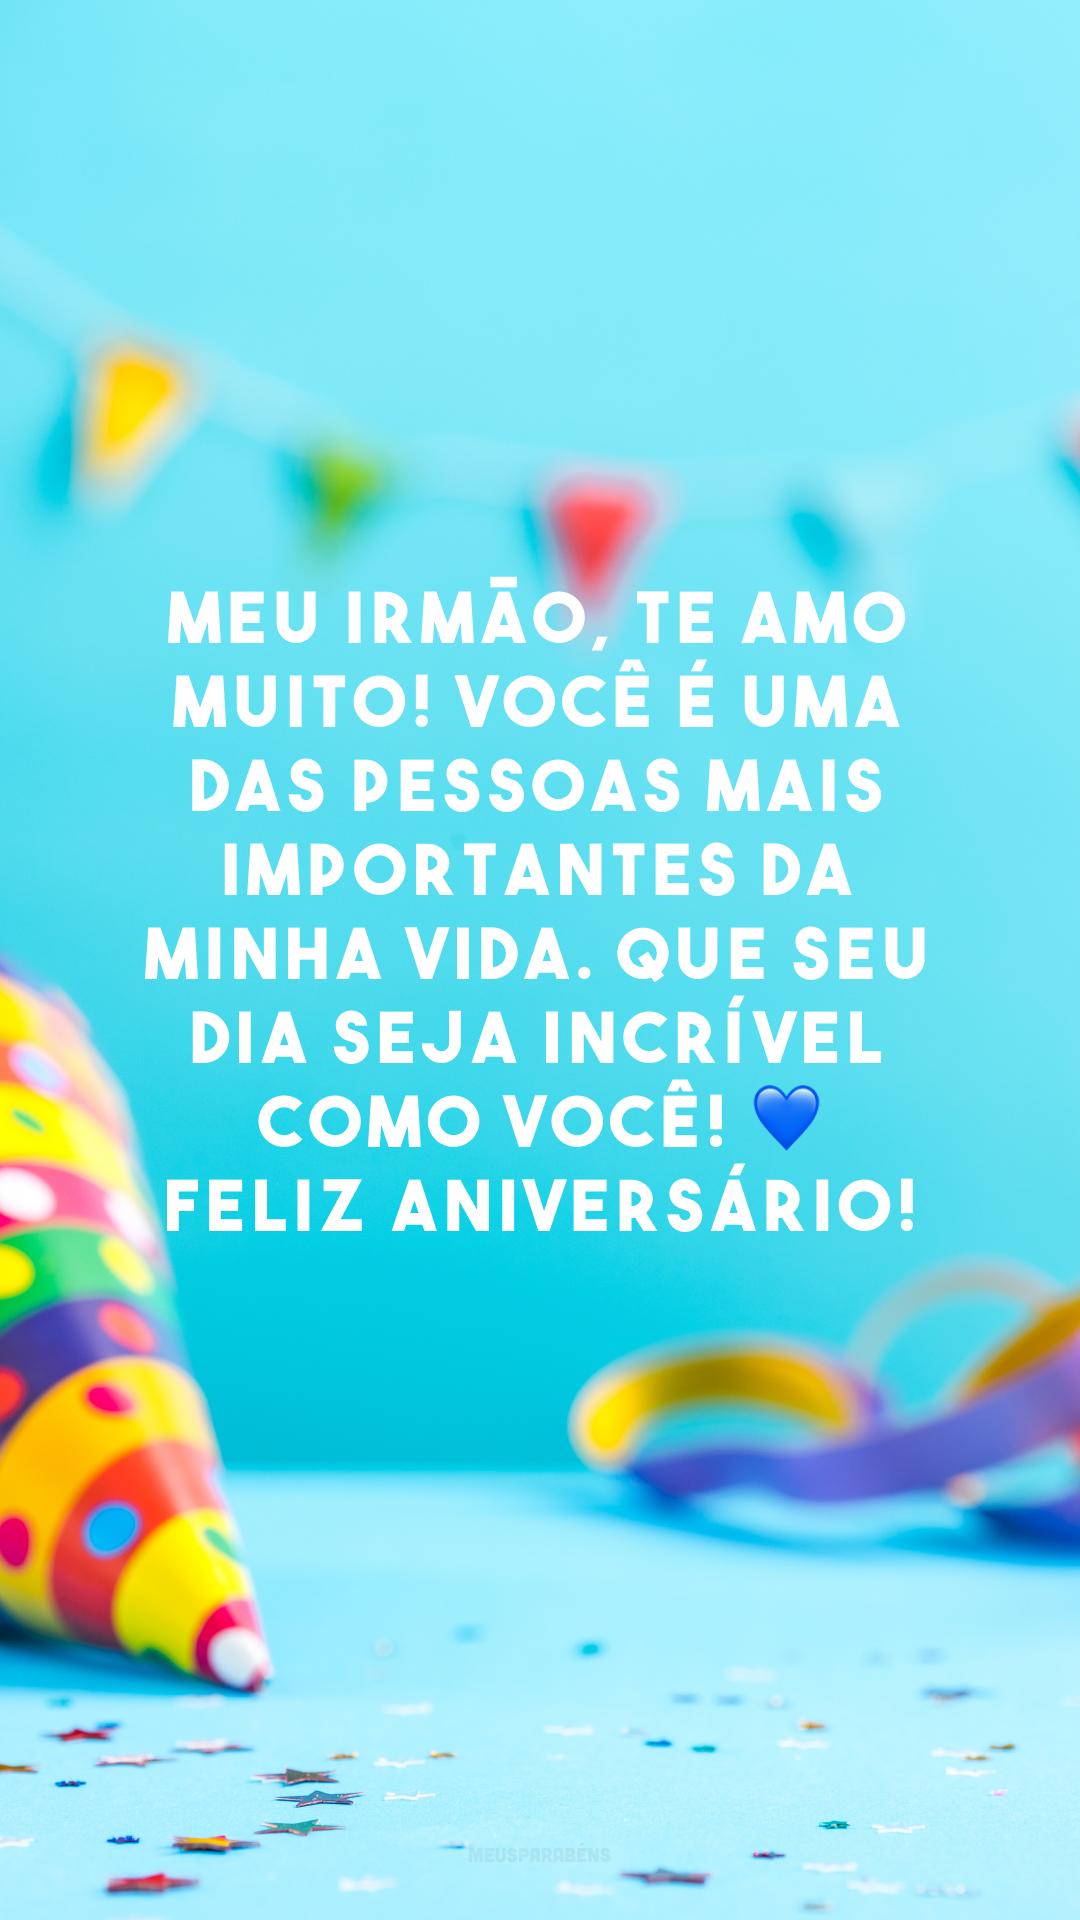 Meu irmão, te amo muito! Você é uma das pessoas mais importantes da minha vida. Que seu dia seja incrível como você! 💙 Feliz aniversário!